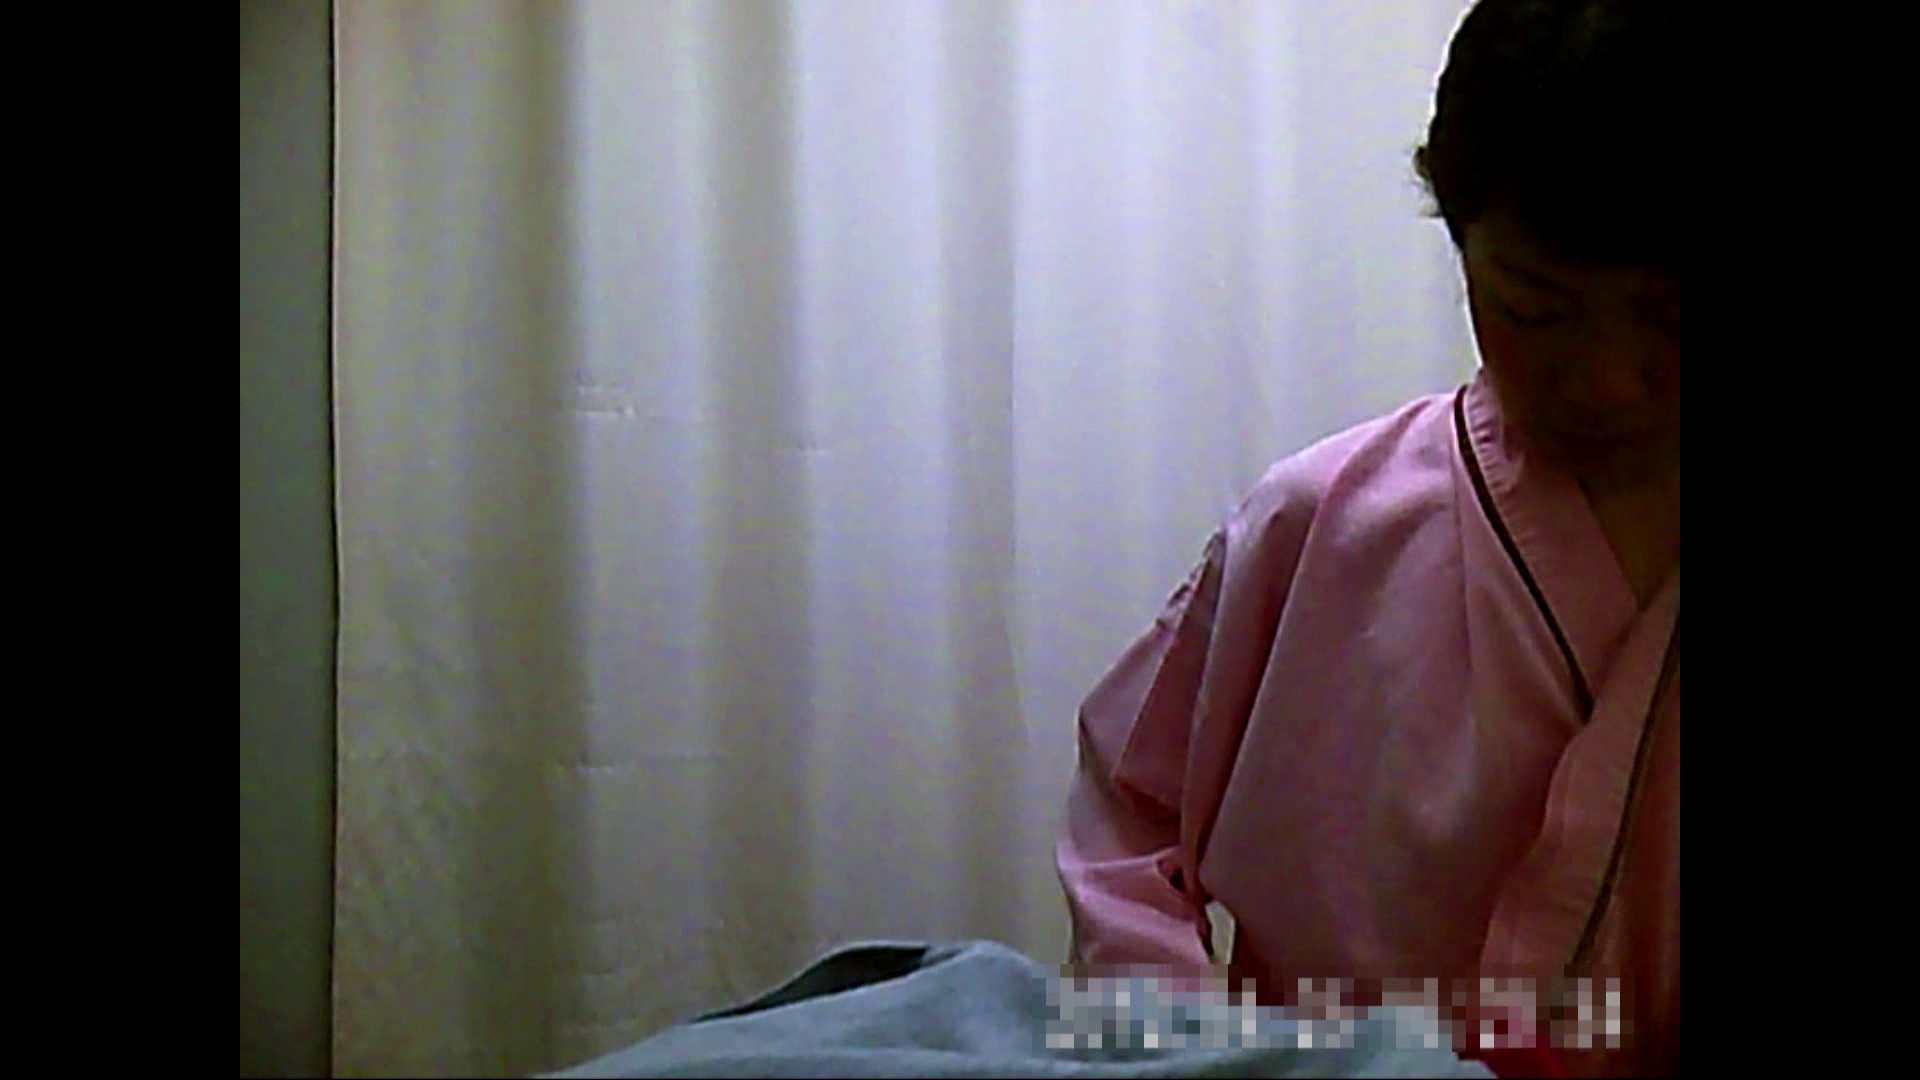 元医者による反抗 更衣室地獄絵巻 vol.009 OLの実態  46pic 22